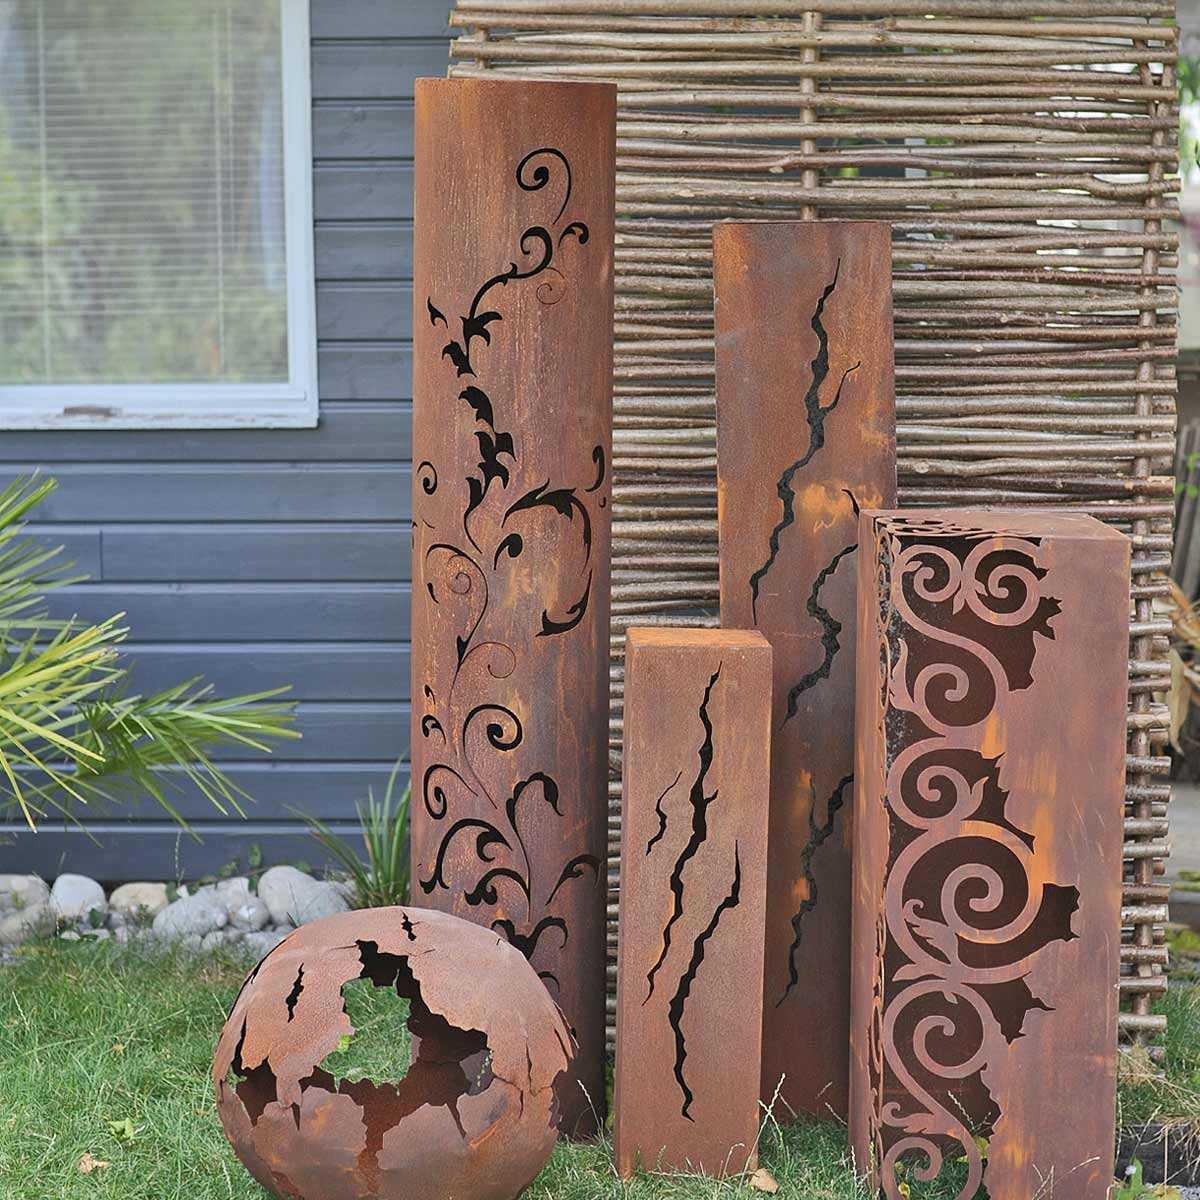 Colonnes Décoratives En Métal Pour Le Jardin encequiconcerne Objets Decoration Jardin Exterieur